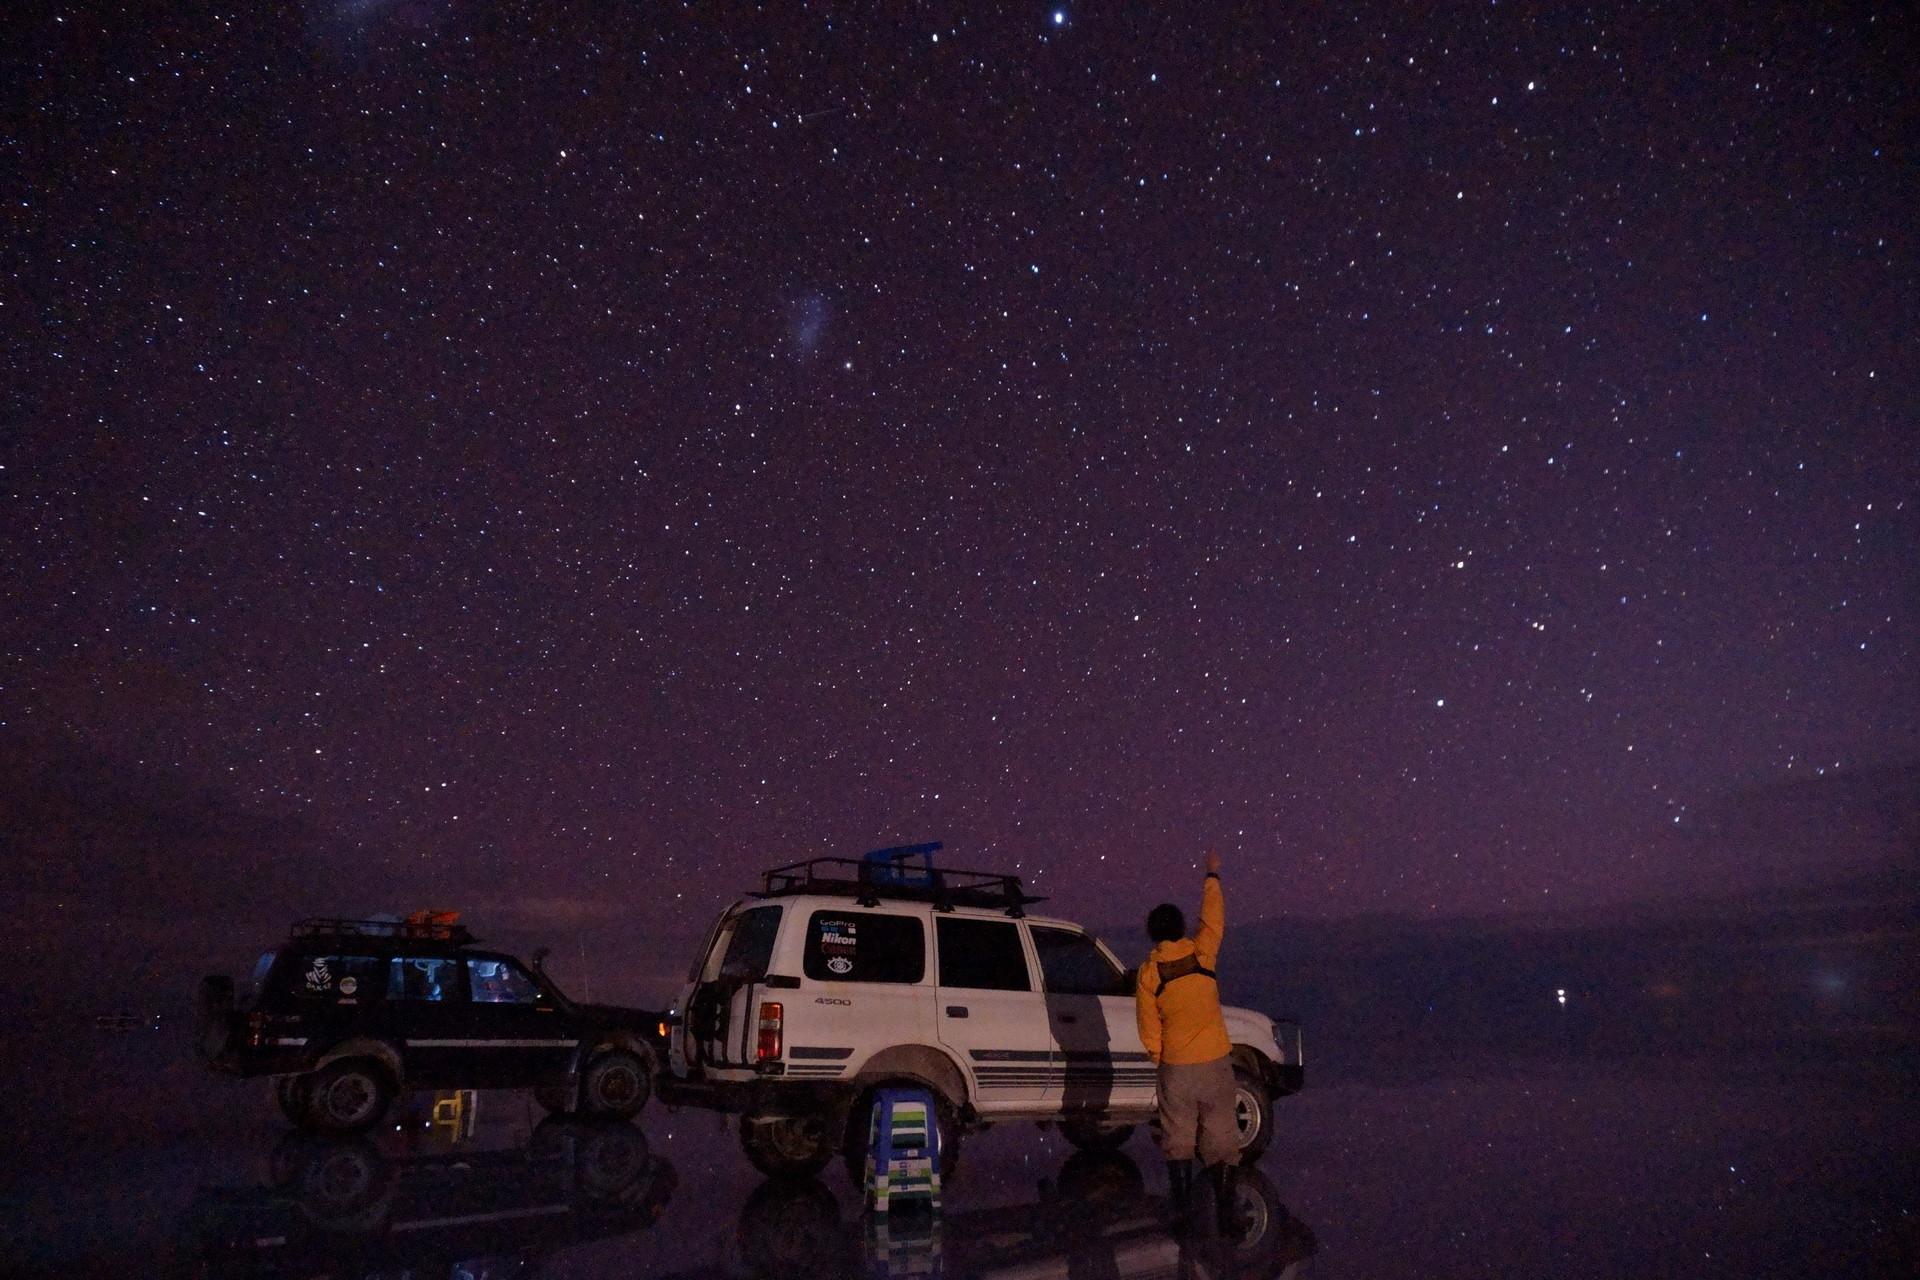 ボリビア ウユニ塩湖 サンセットサンライズ 立山科学グループ